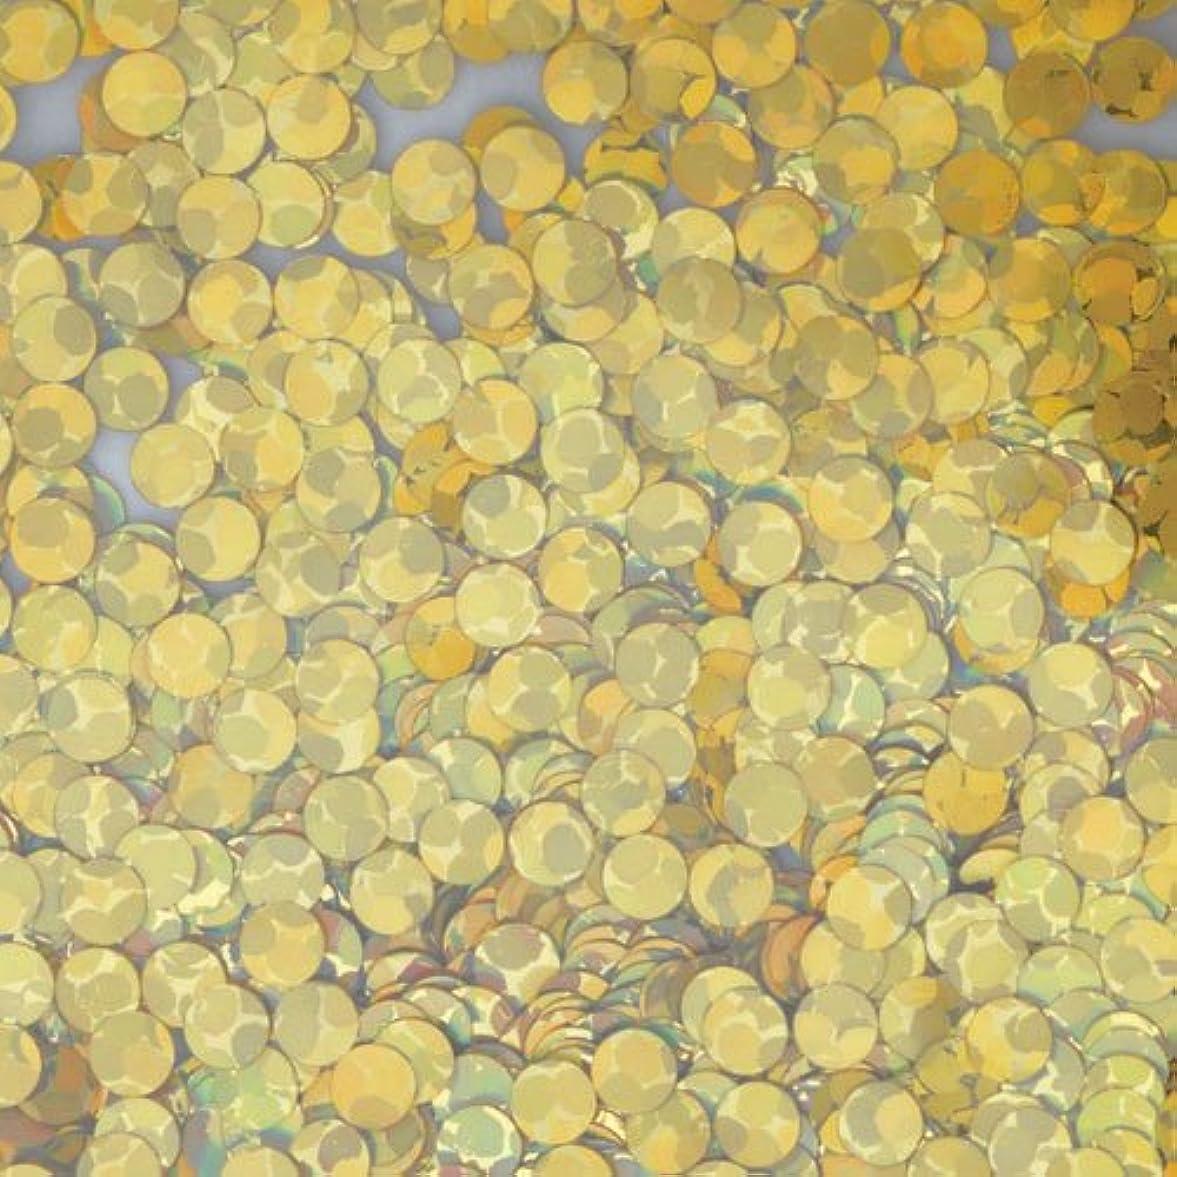 マージ抑圧する高価なピカエース ネイル用パウダー 丸ホロ 2mm #875 ゴールド 0.5g